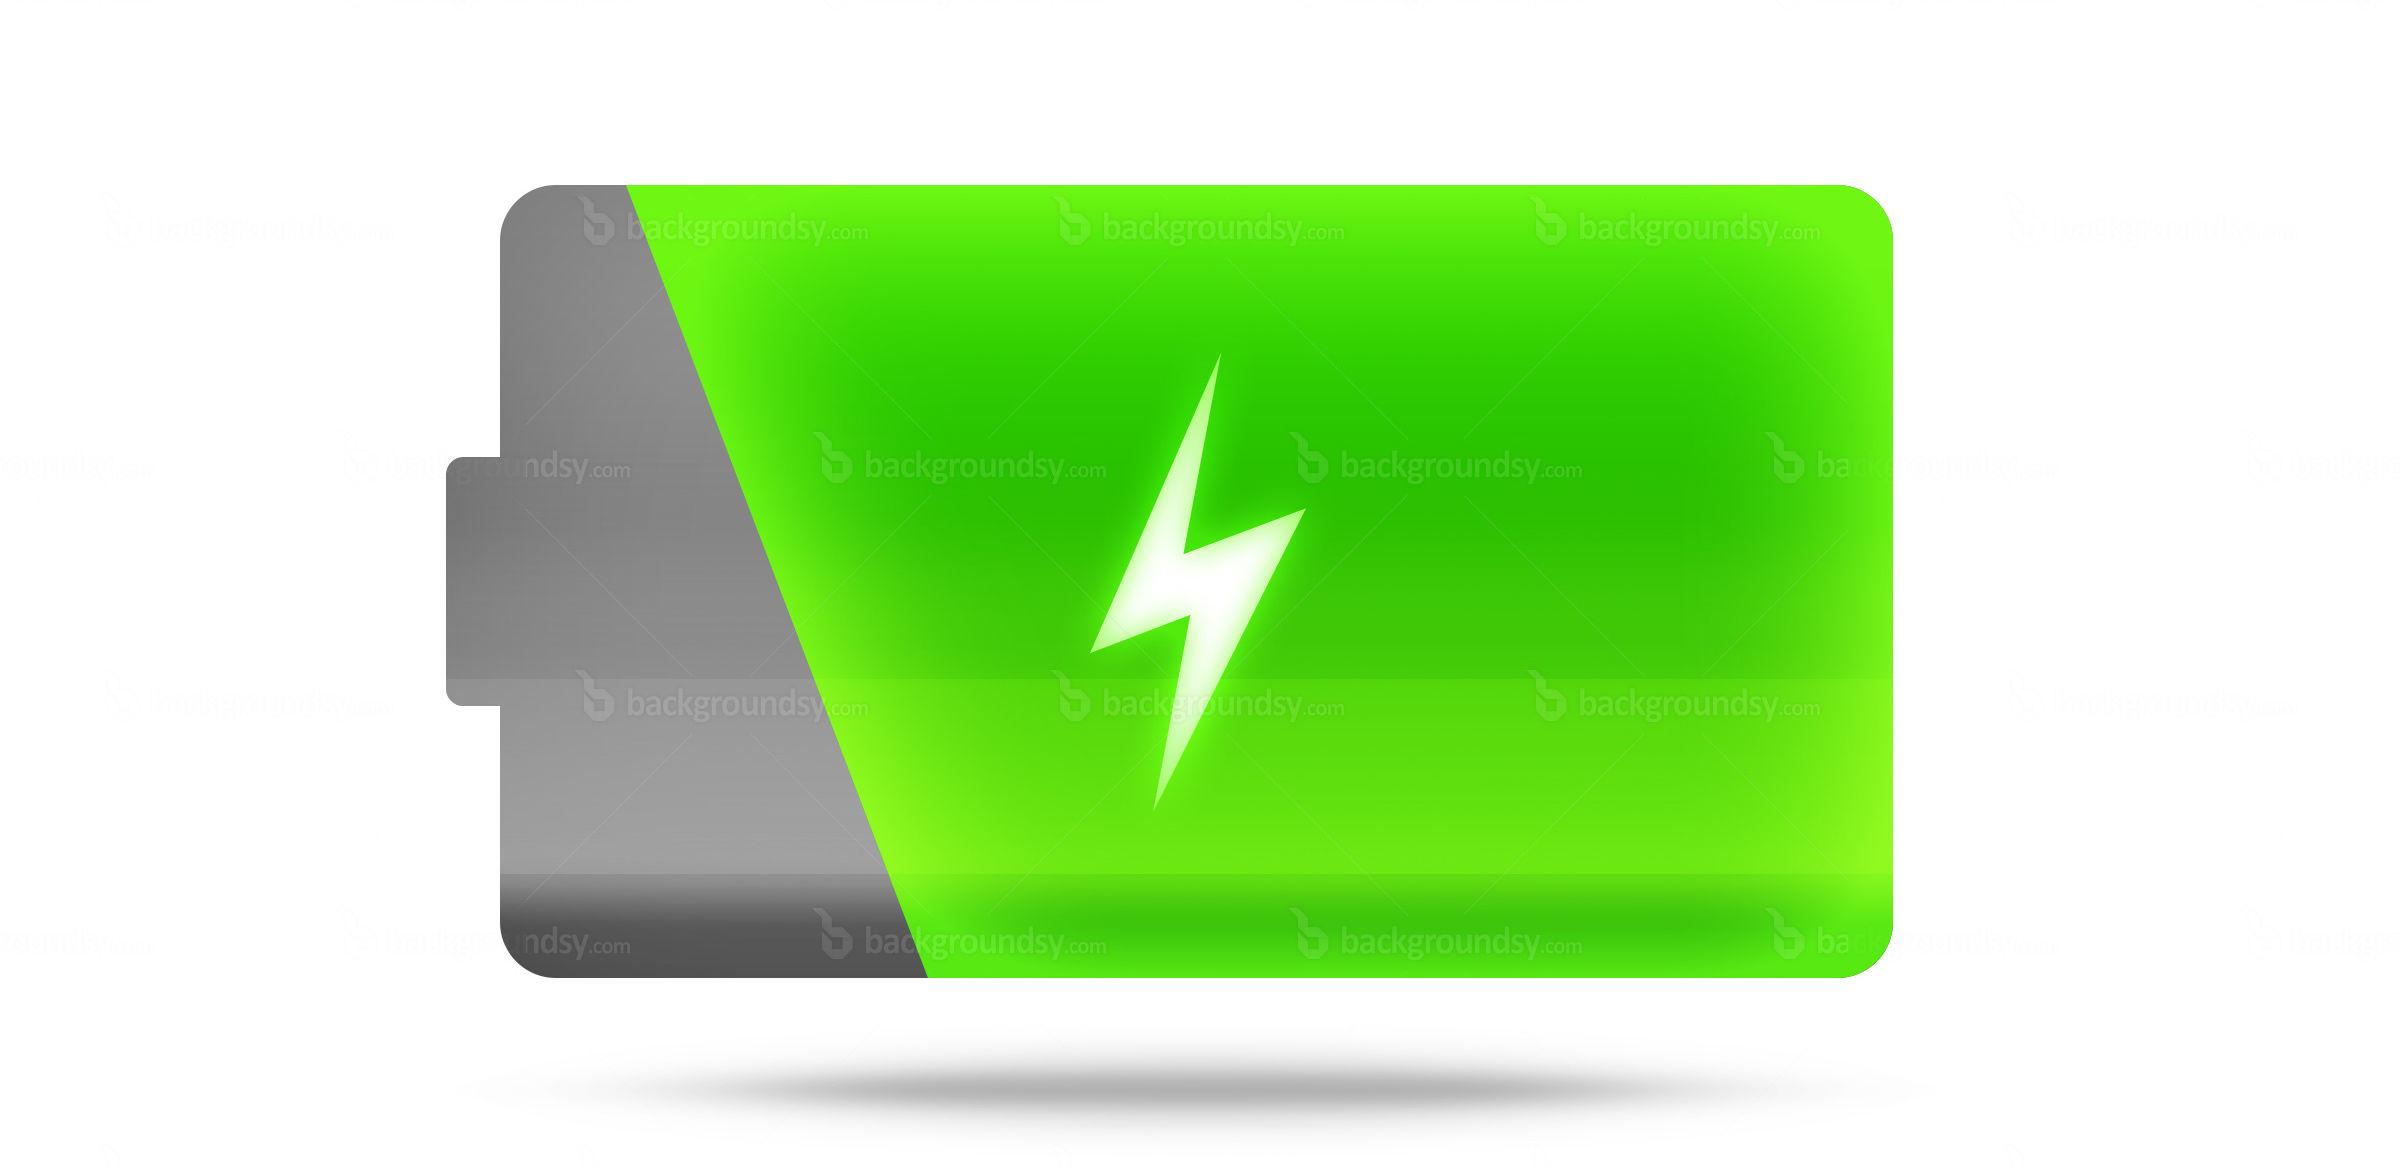 谷歌暗中开发电池新技术| 极客早知道 2015 年 4 月 13 日